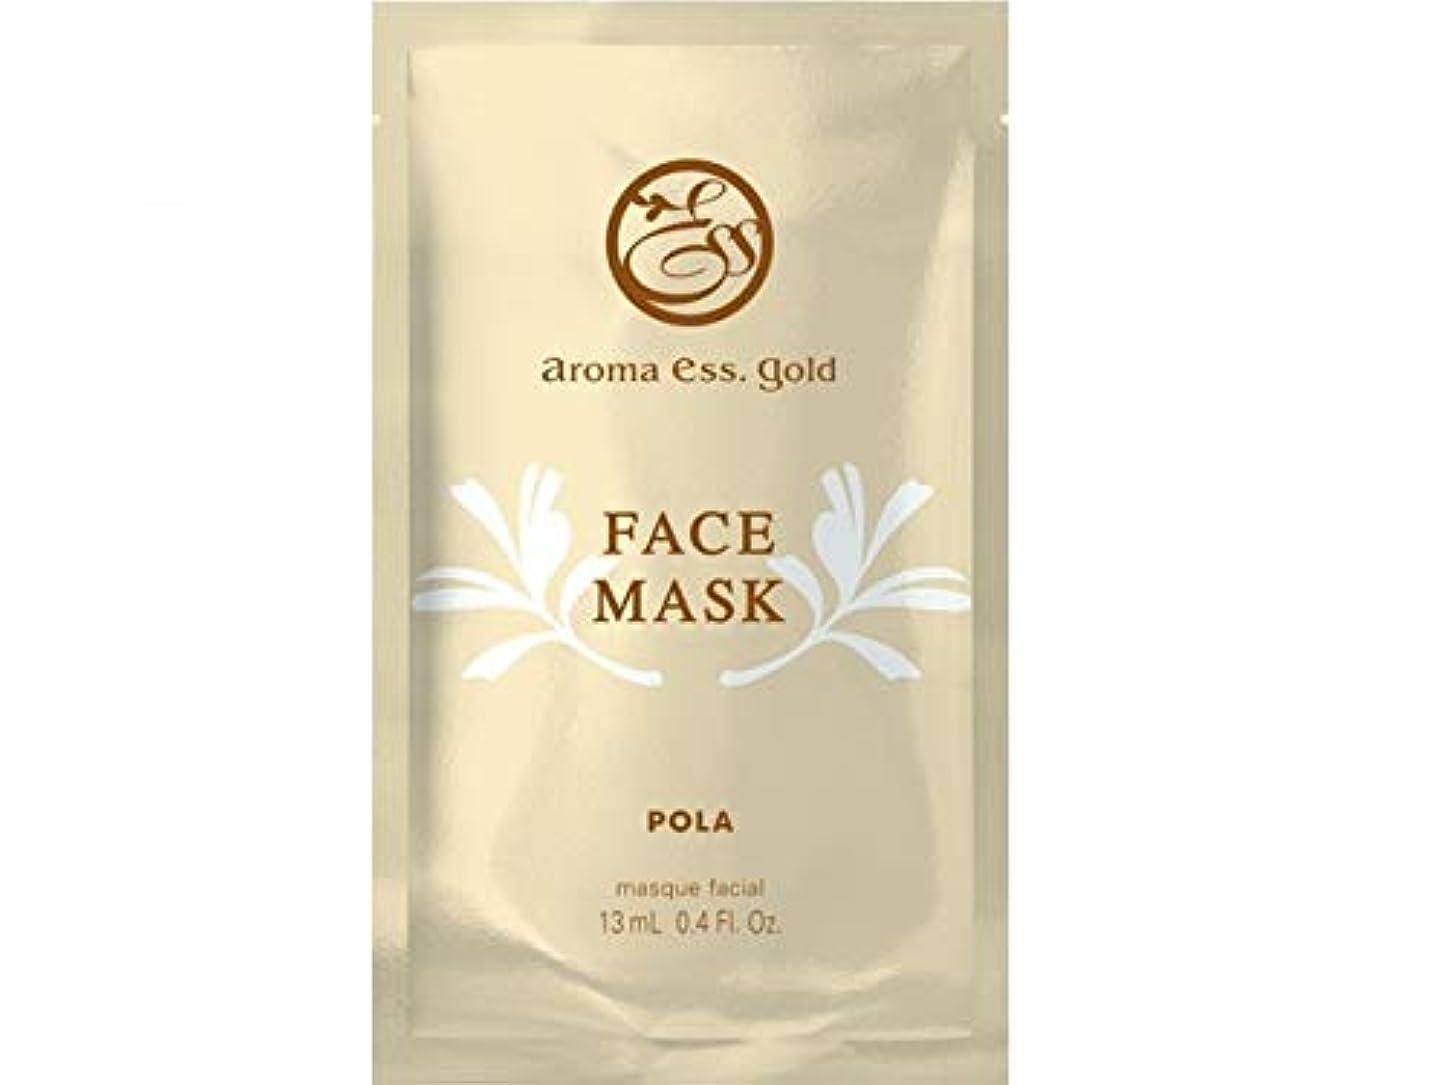 POLA ポーラ aromaessegold アロマエッセゴールド フェイスマスク face mask 30枚セット 追跡可能メール便